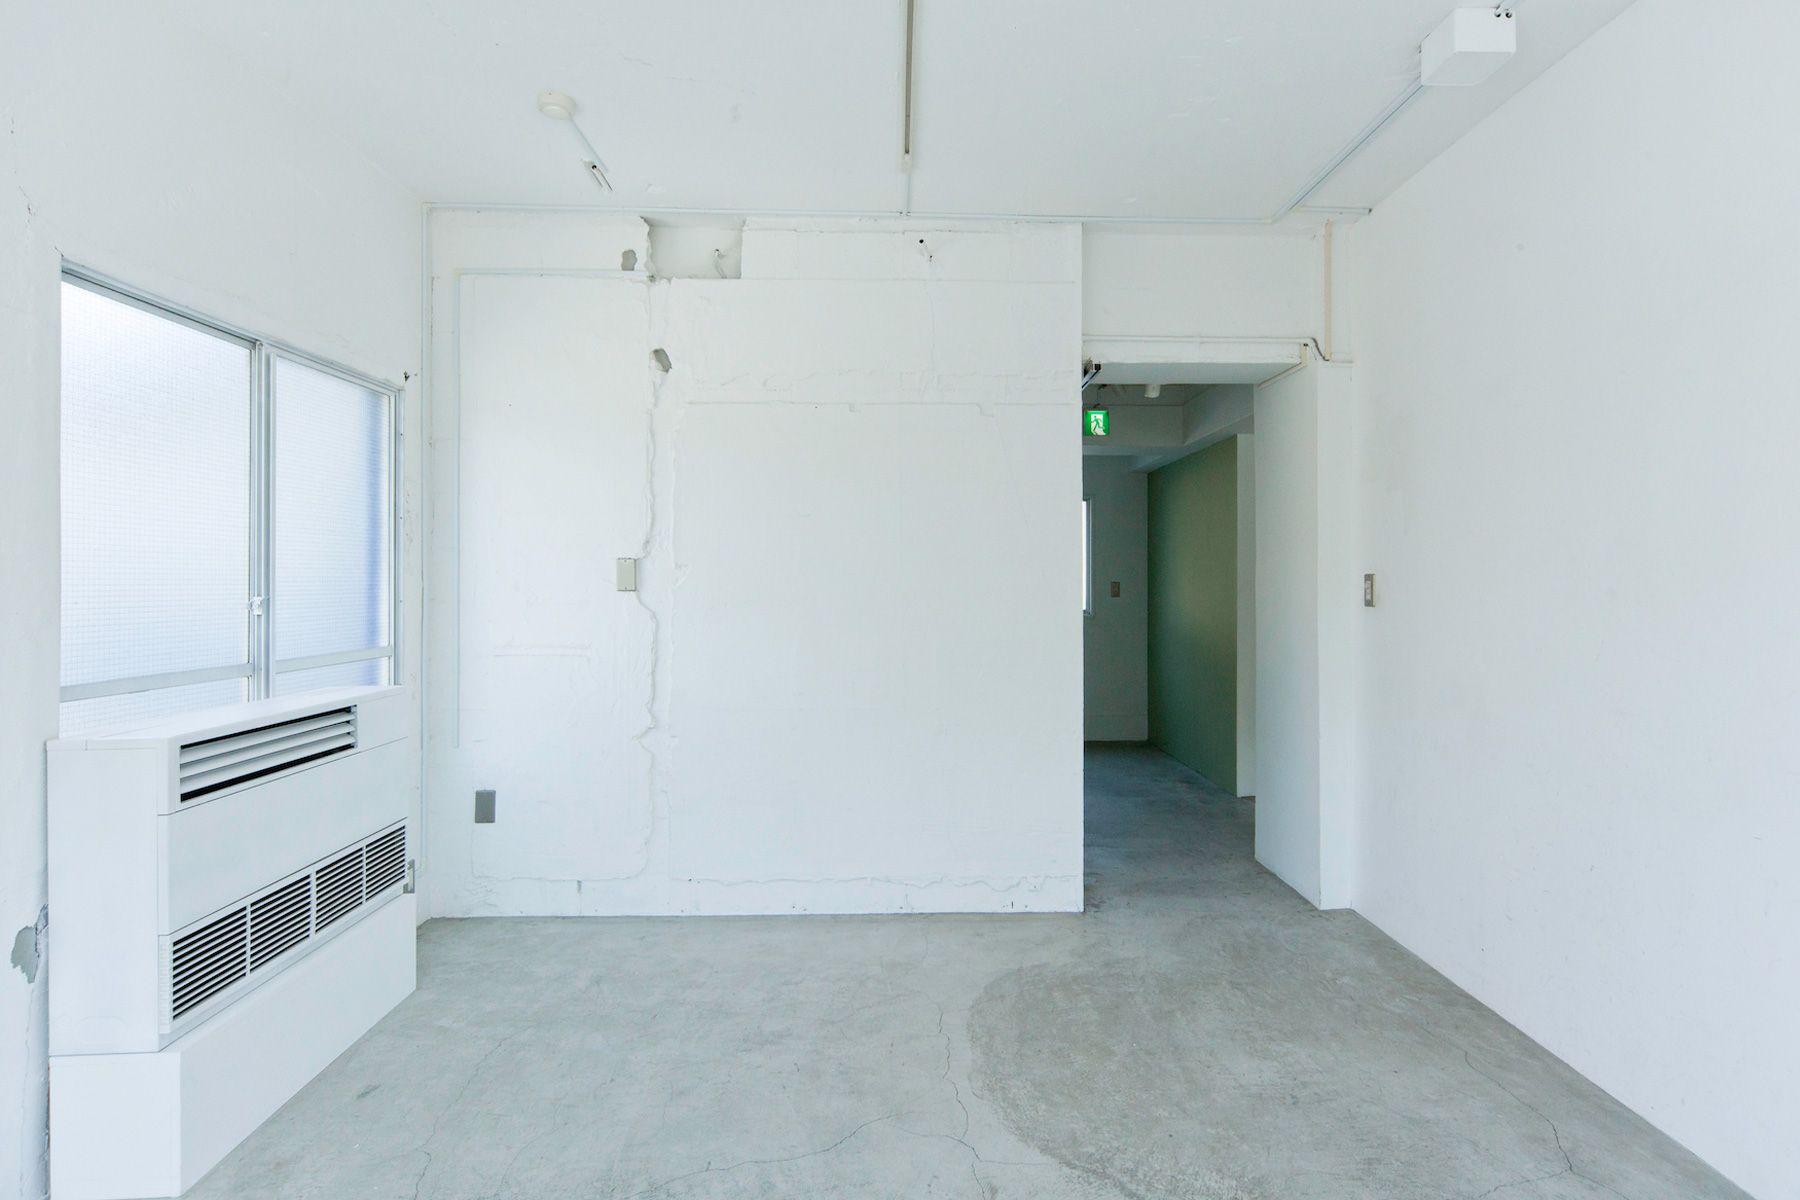 LEERES STUDIO (リアレススタジオ)小部屋 モルタルの床/2F